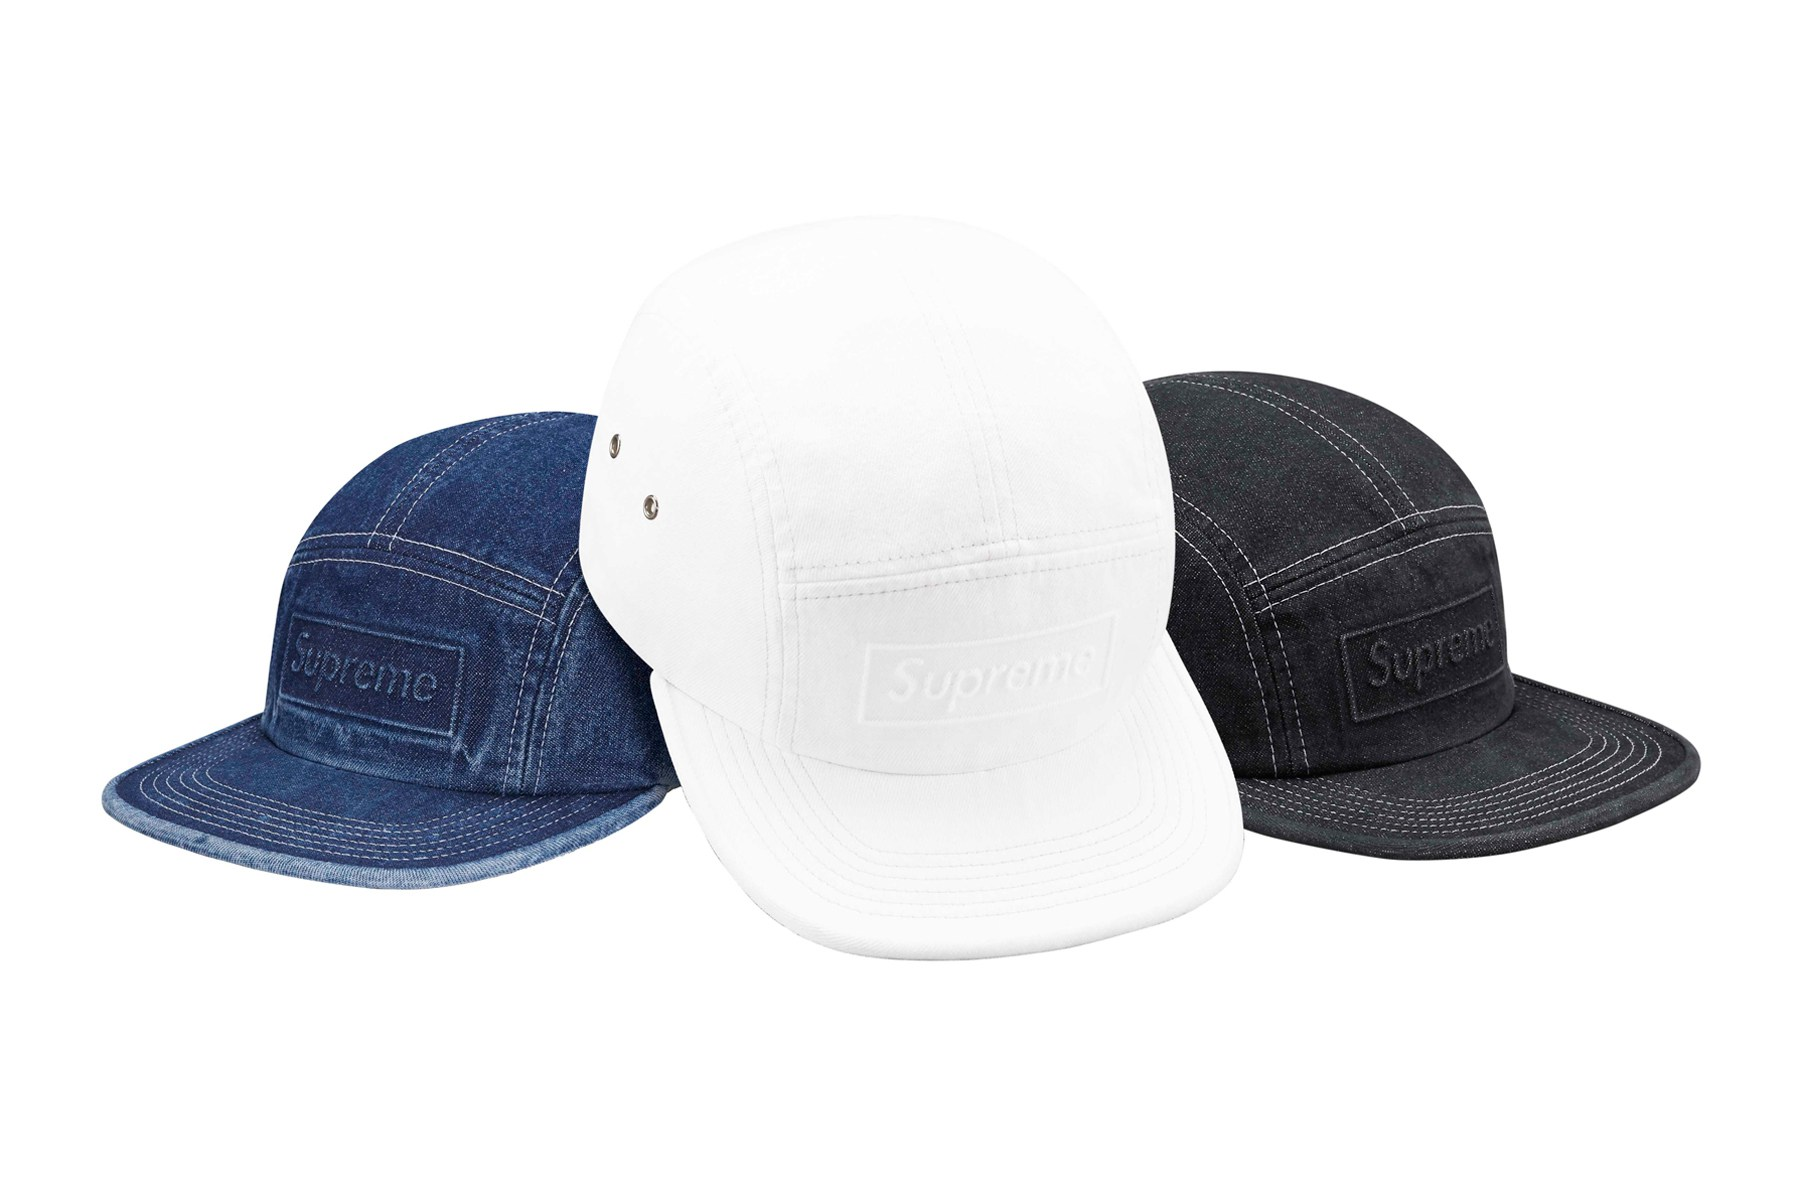 supreme-2016-spring-summer-headwear-16